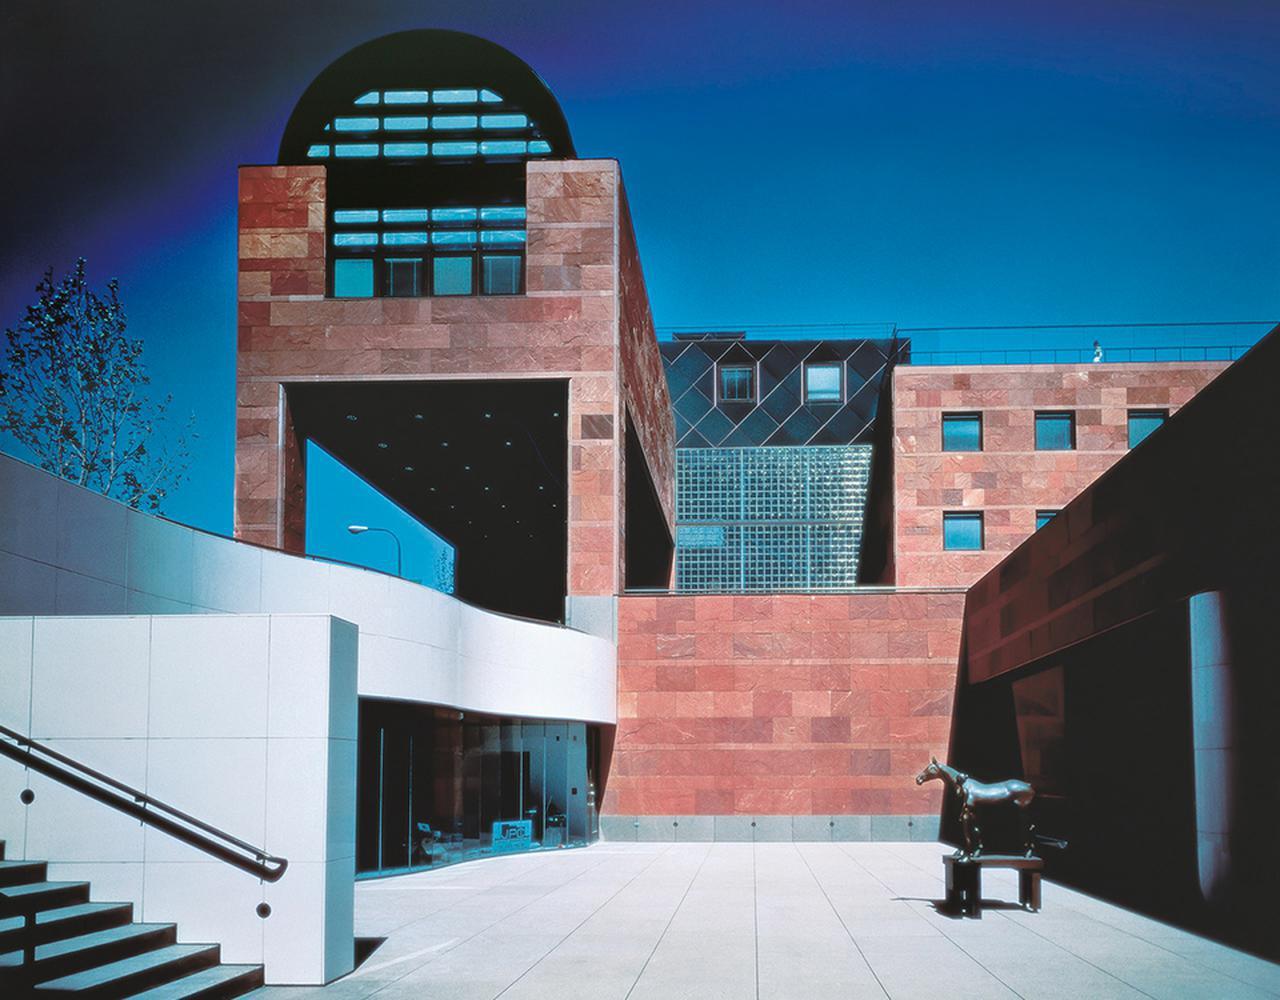 画像: ロサンゼルス現代美術館は1988年に竣工。福岡相互銀行(現・西日本シティ銀行 本店)の壁に用いた赤いインド砂岩が、LAの陽ざしに映えるという理由から採用された LAMOCA, PHOTO COURTESY OF YASUHIRO ISHIMOTO